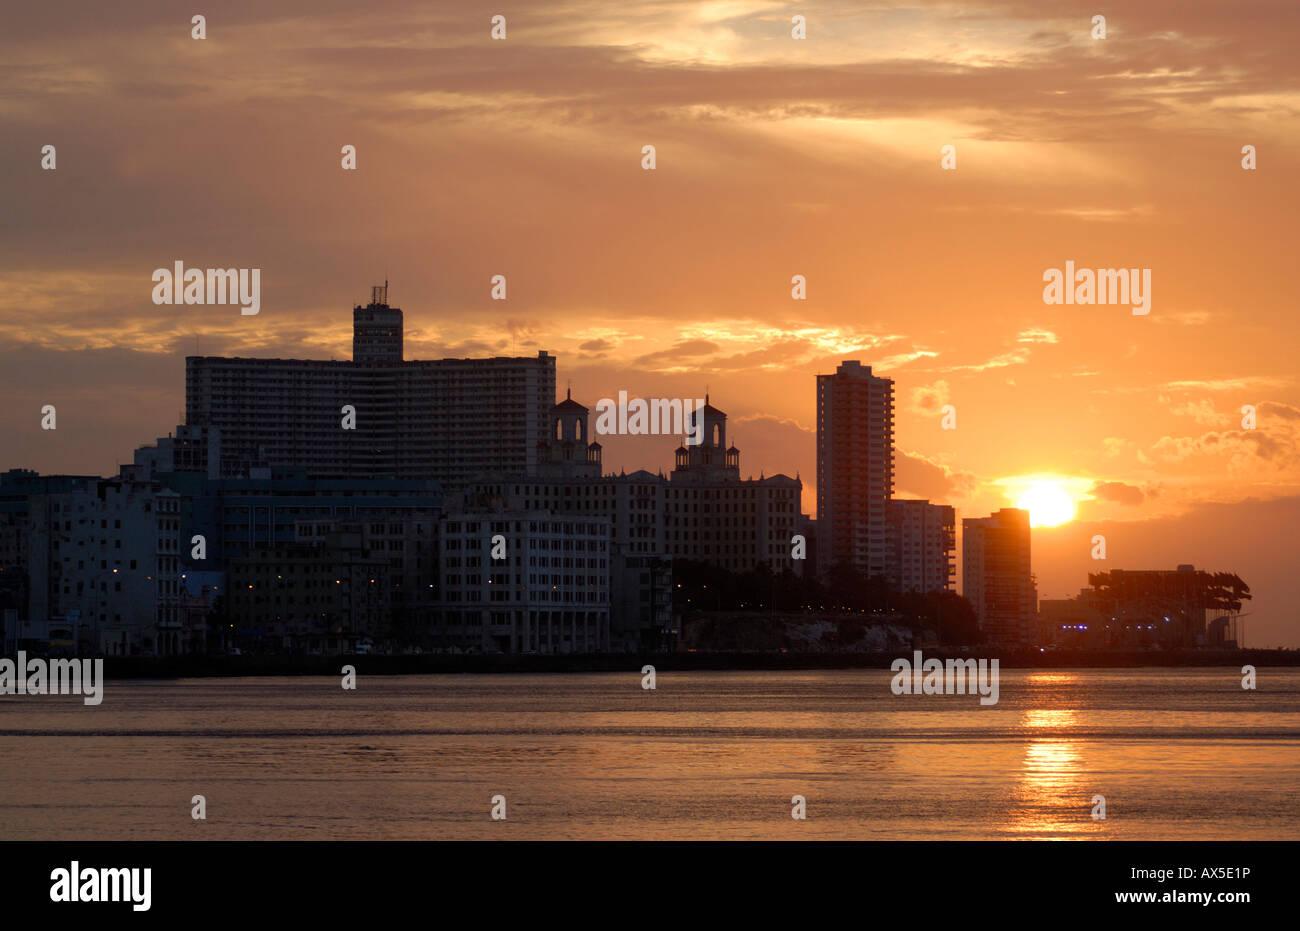 Coucher de soleil sur le Malecón, La Havane Libre Hôtel et l'Hôtel Nacional de La Havane, Cuba, Photo Stock